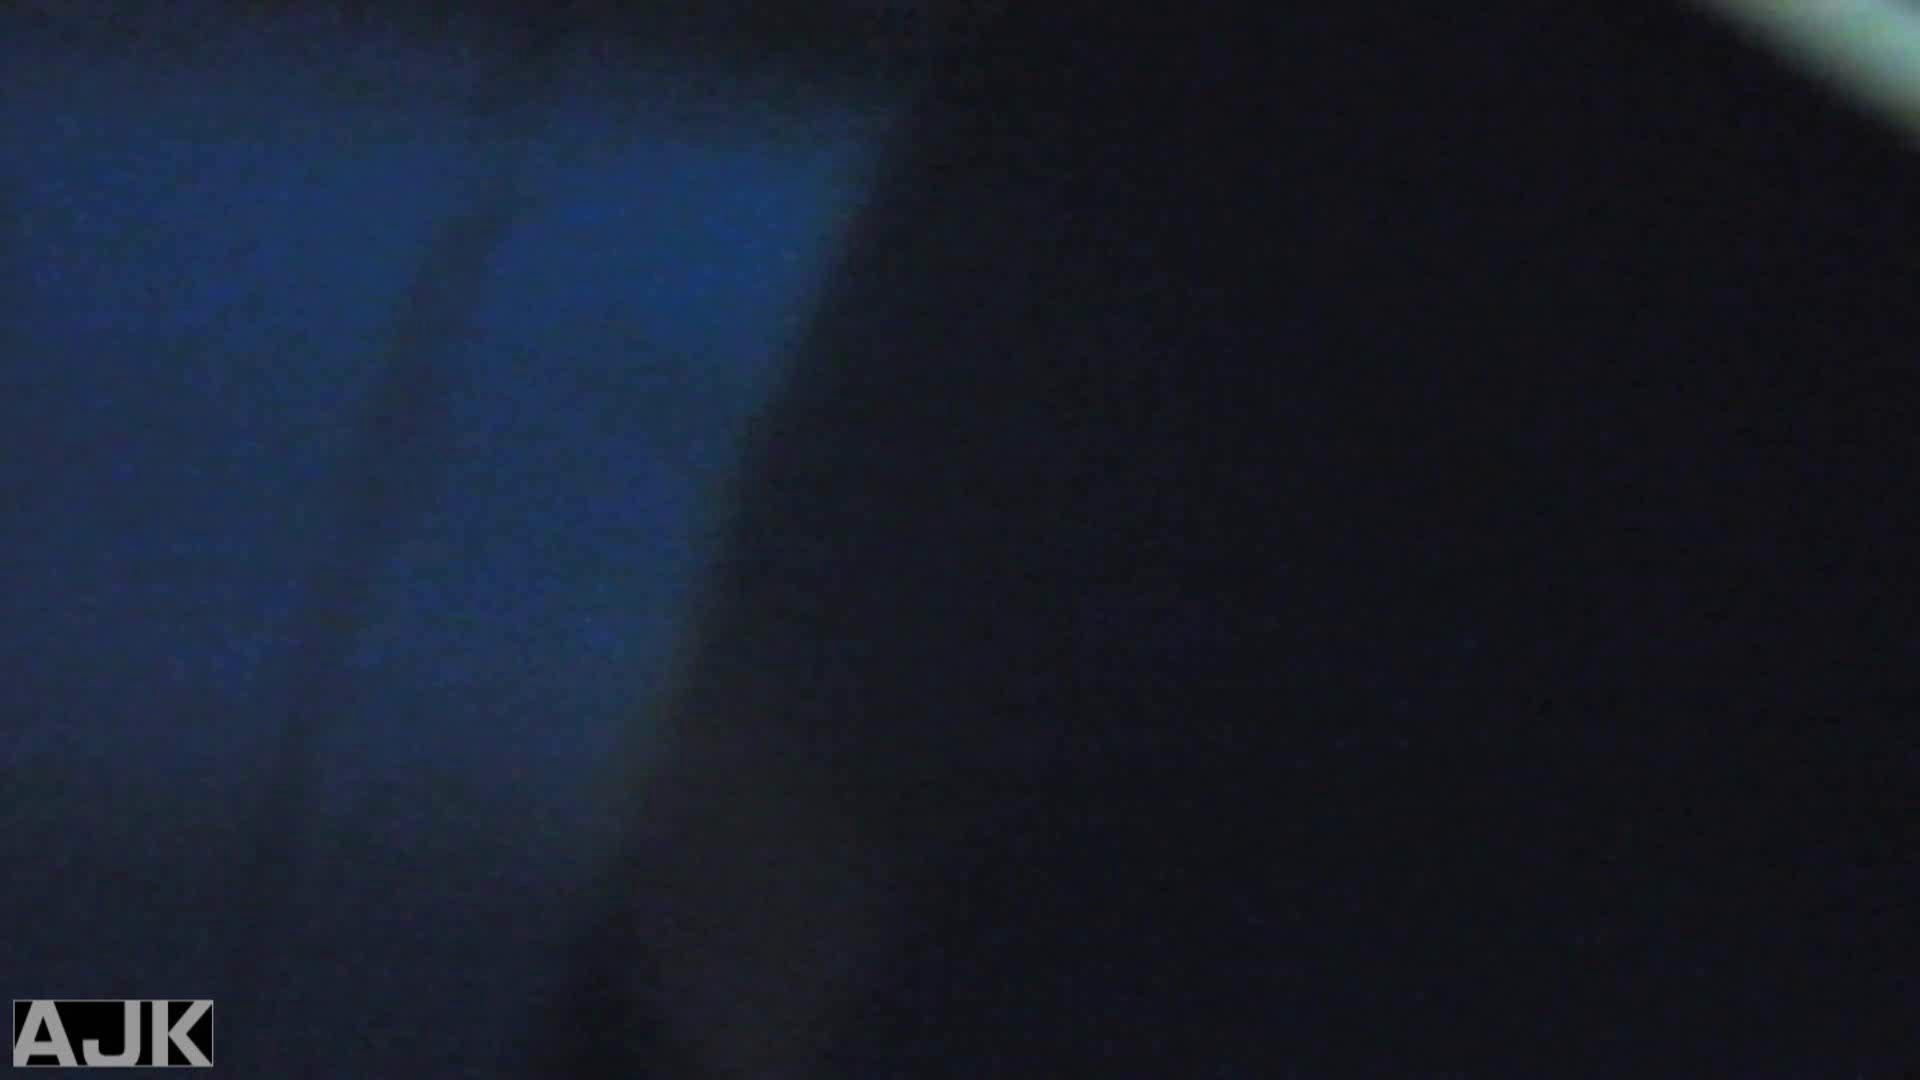 神降臨!史上最強の潜入かわや! vol.13 盗撮 アダルト動画キャプチャ 91連発 65